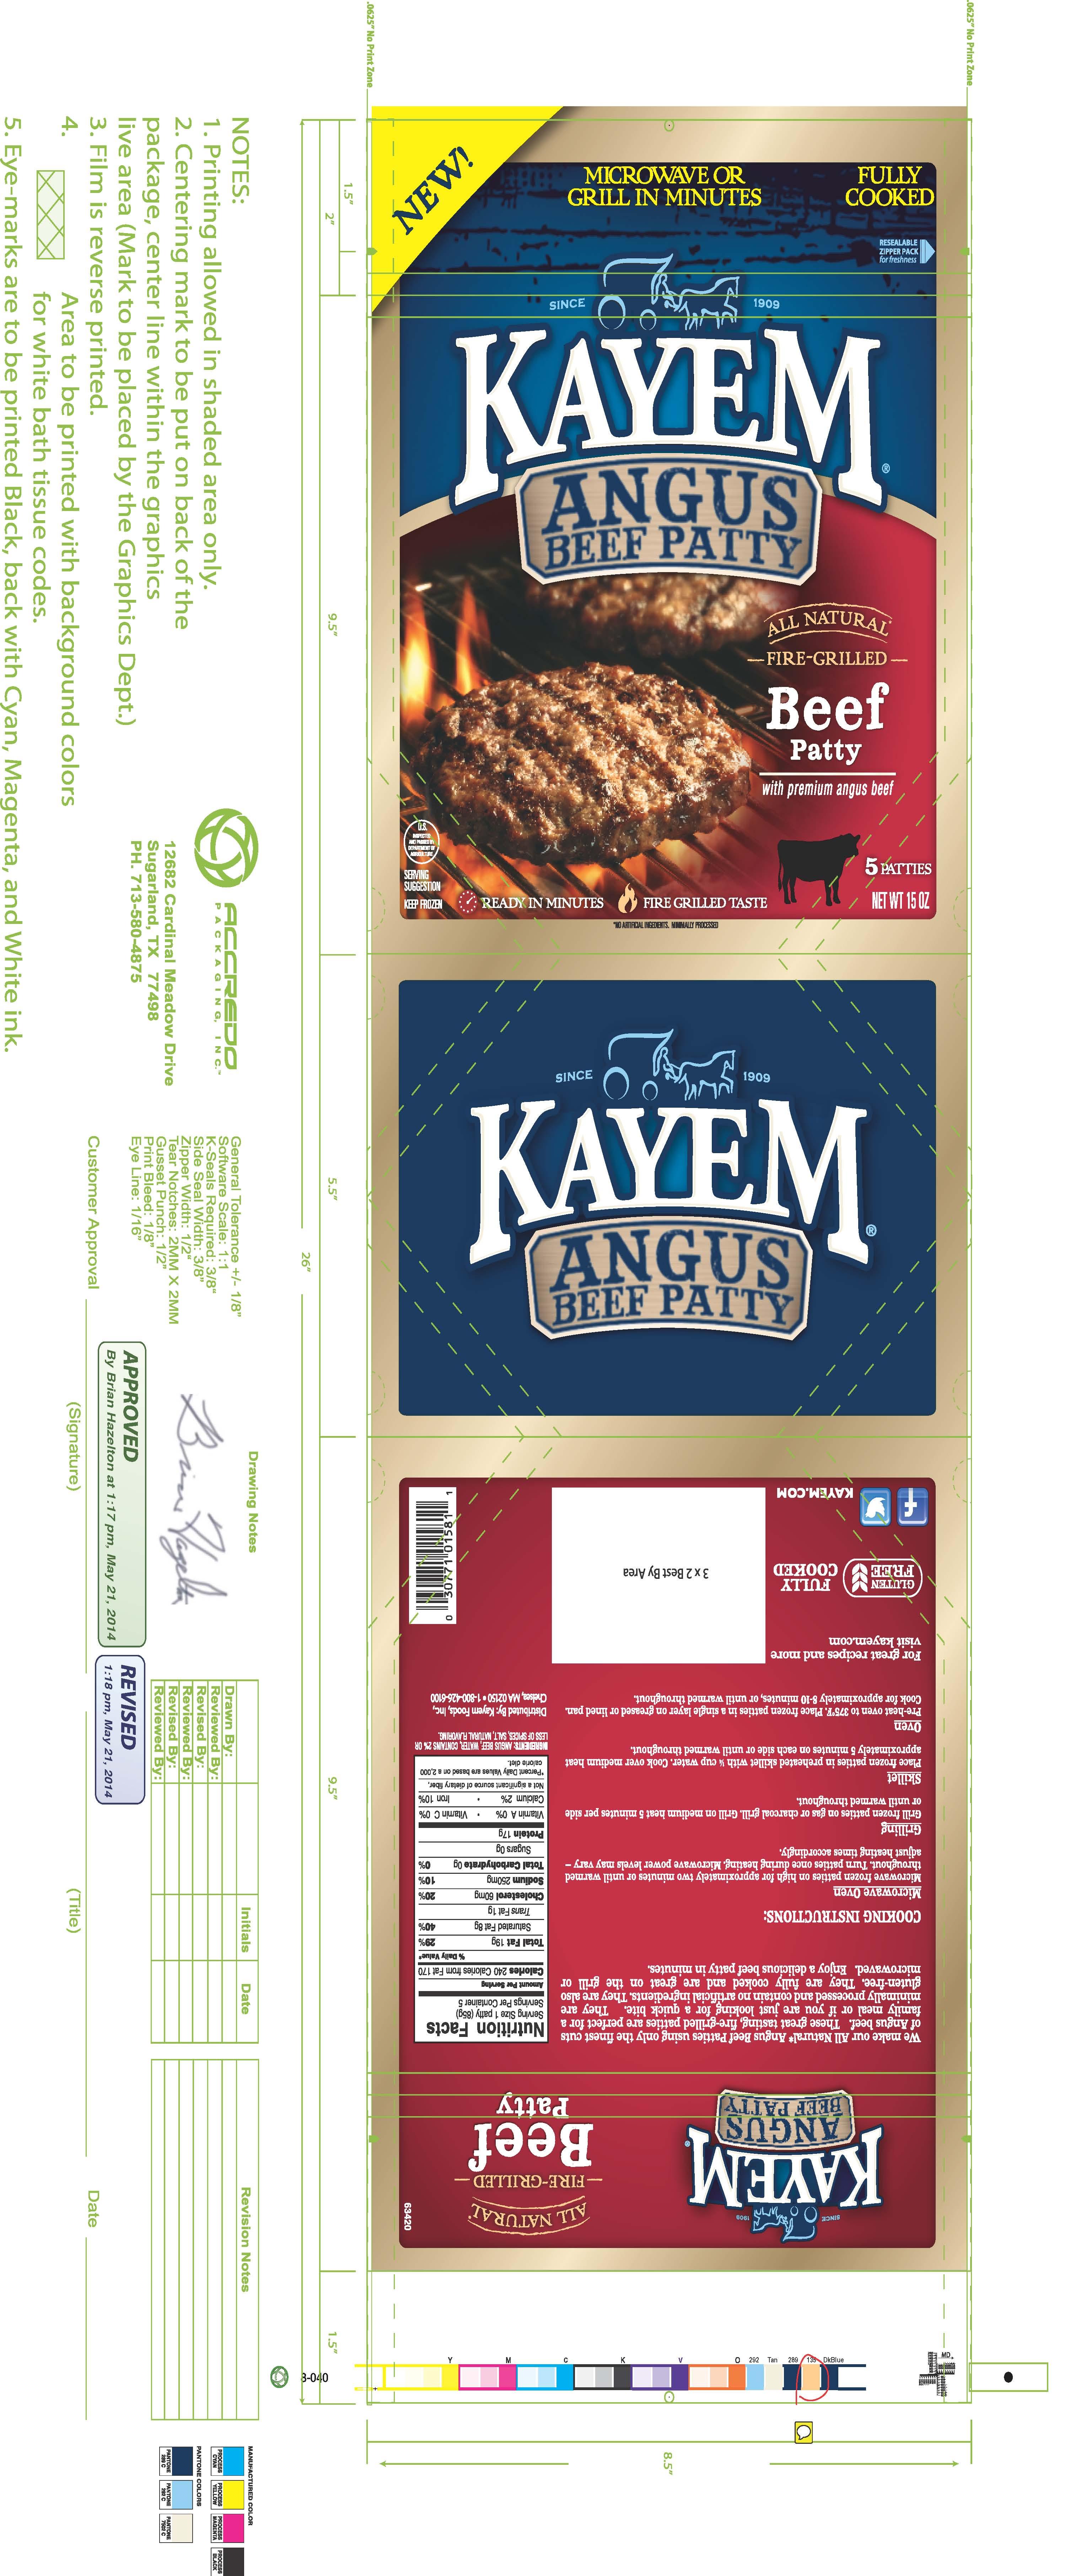 KYM-1581-AngusBrgr